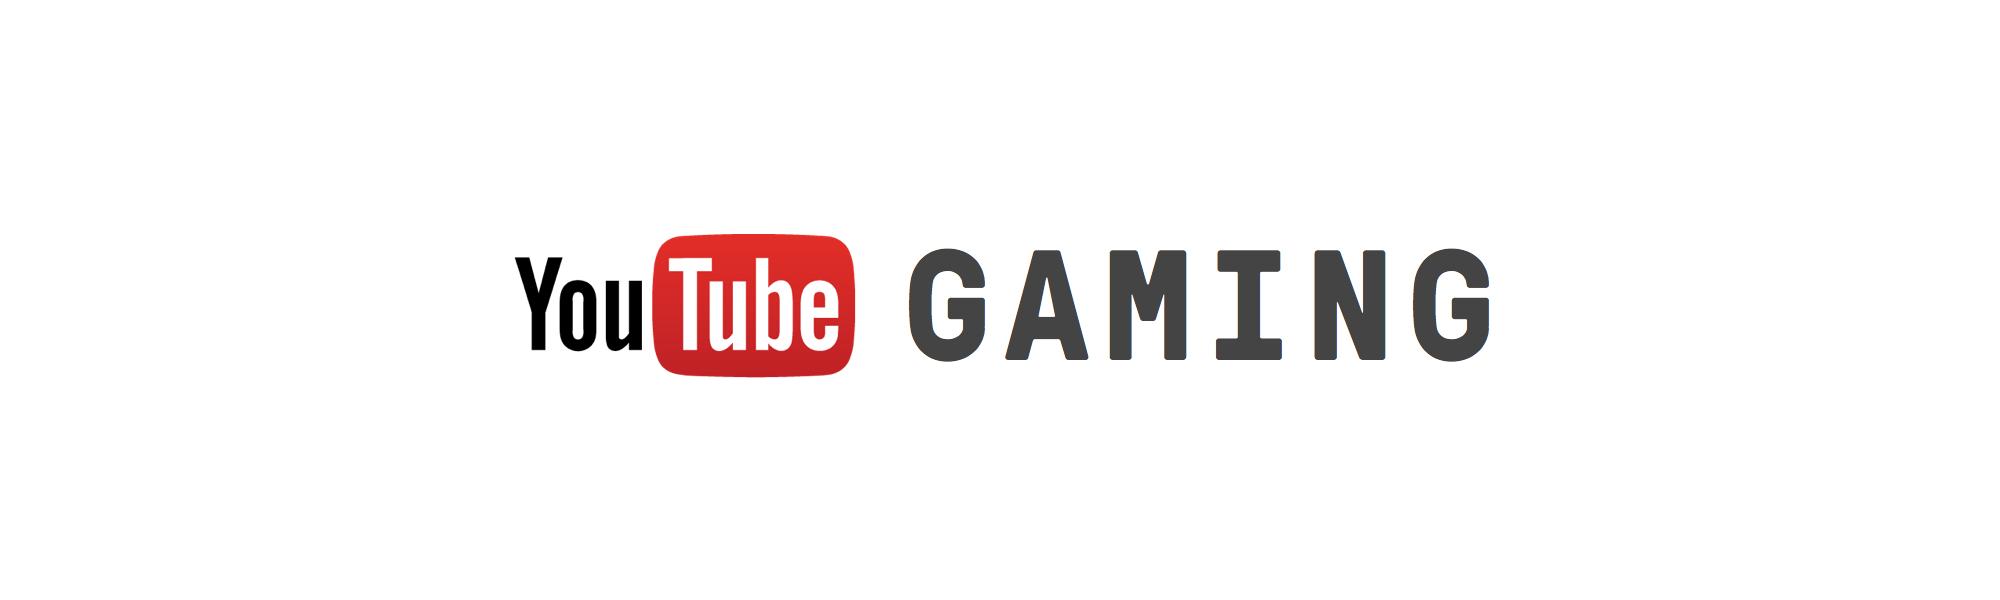 YouTube Oyun Servisi Geliyor ! YouTube Gaming !